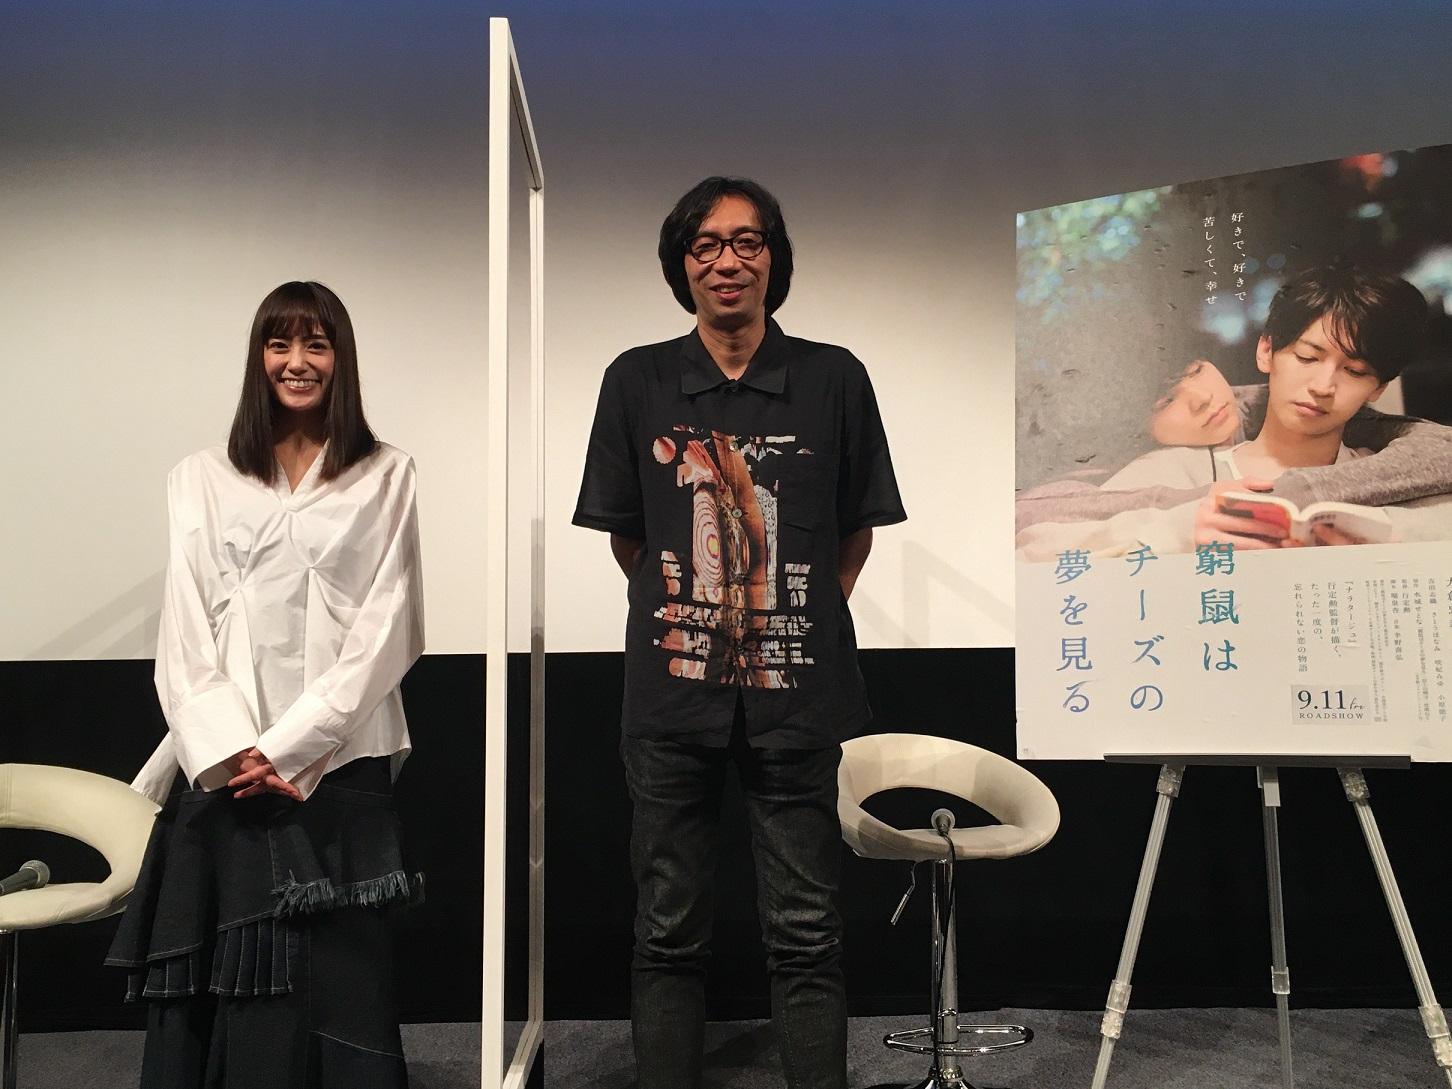 映画『窮鼠はチーズの夢を見る』吉田志織も成田凌の可愛さに胸キュン♡夏休み限定イベントレポート!